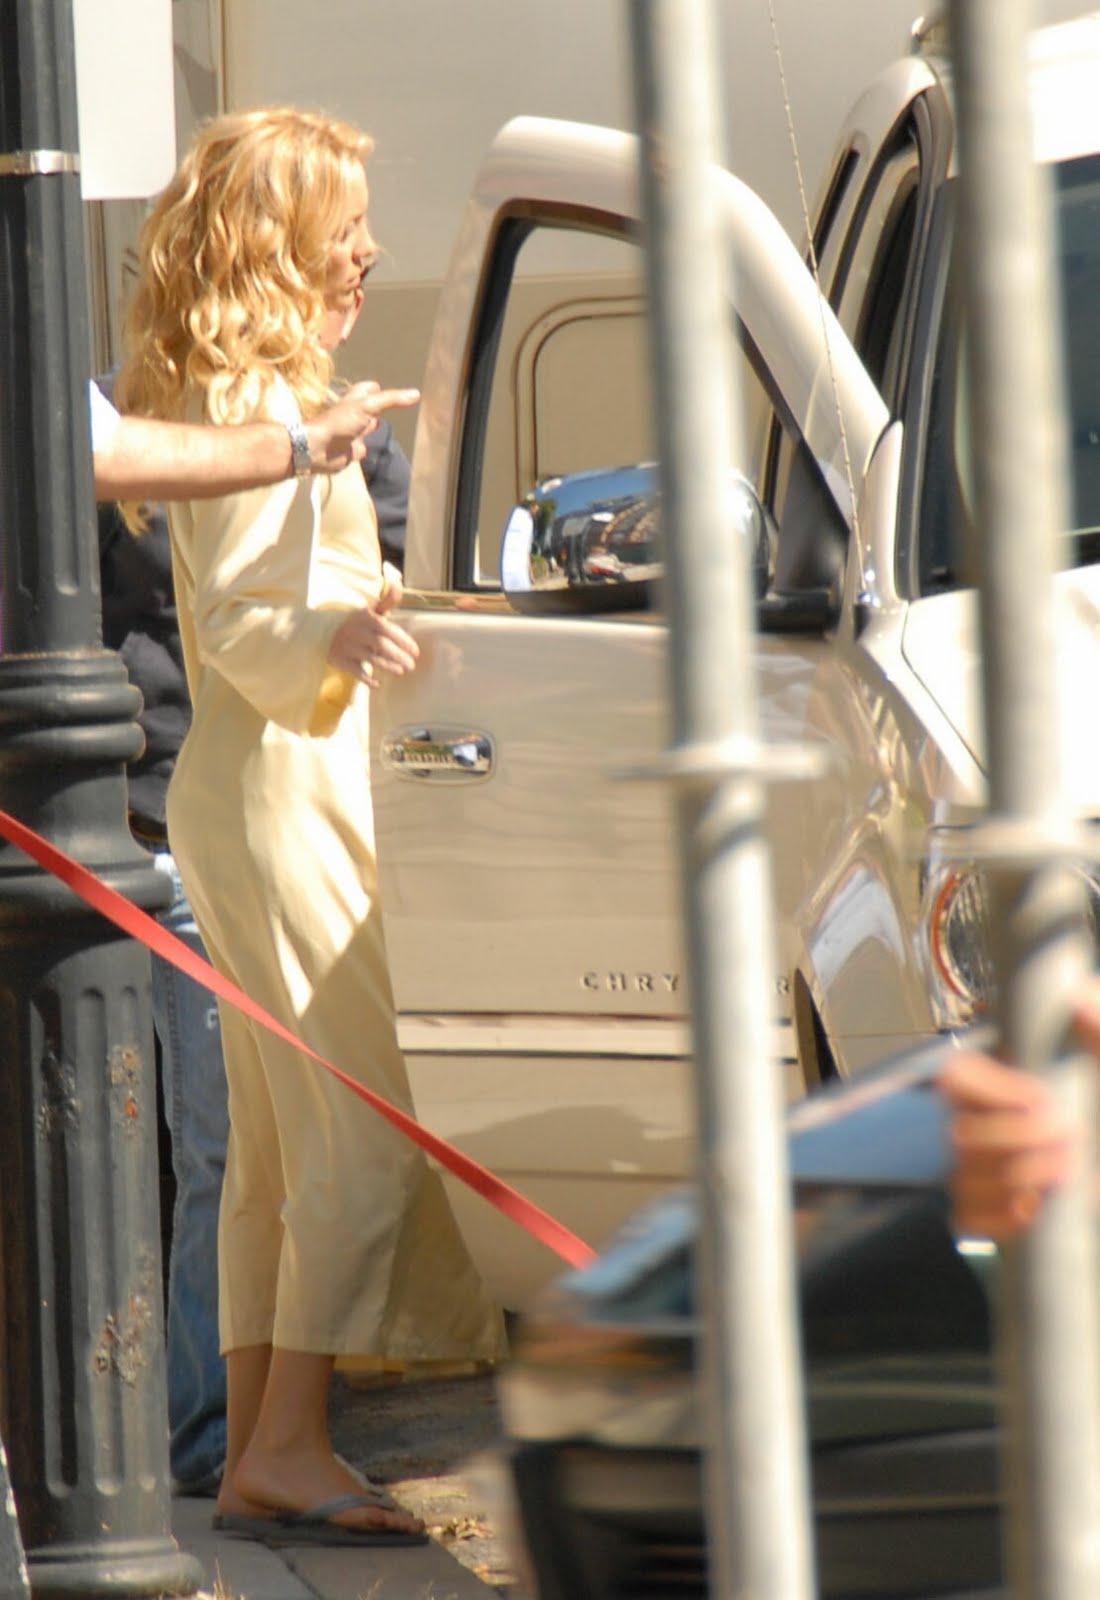 http://4.bp.blogspot.com/_vVQYLS_FHAg/S8kWTa9jJbI/AAAAAAAAFHo/0J8mesQLHF0/s1600/kate_hudson-candid-sexy_feet-a04.jpg